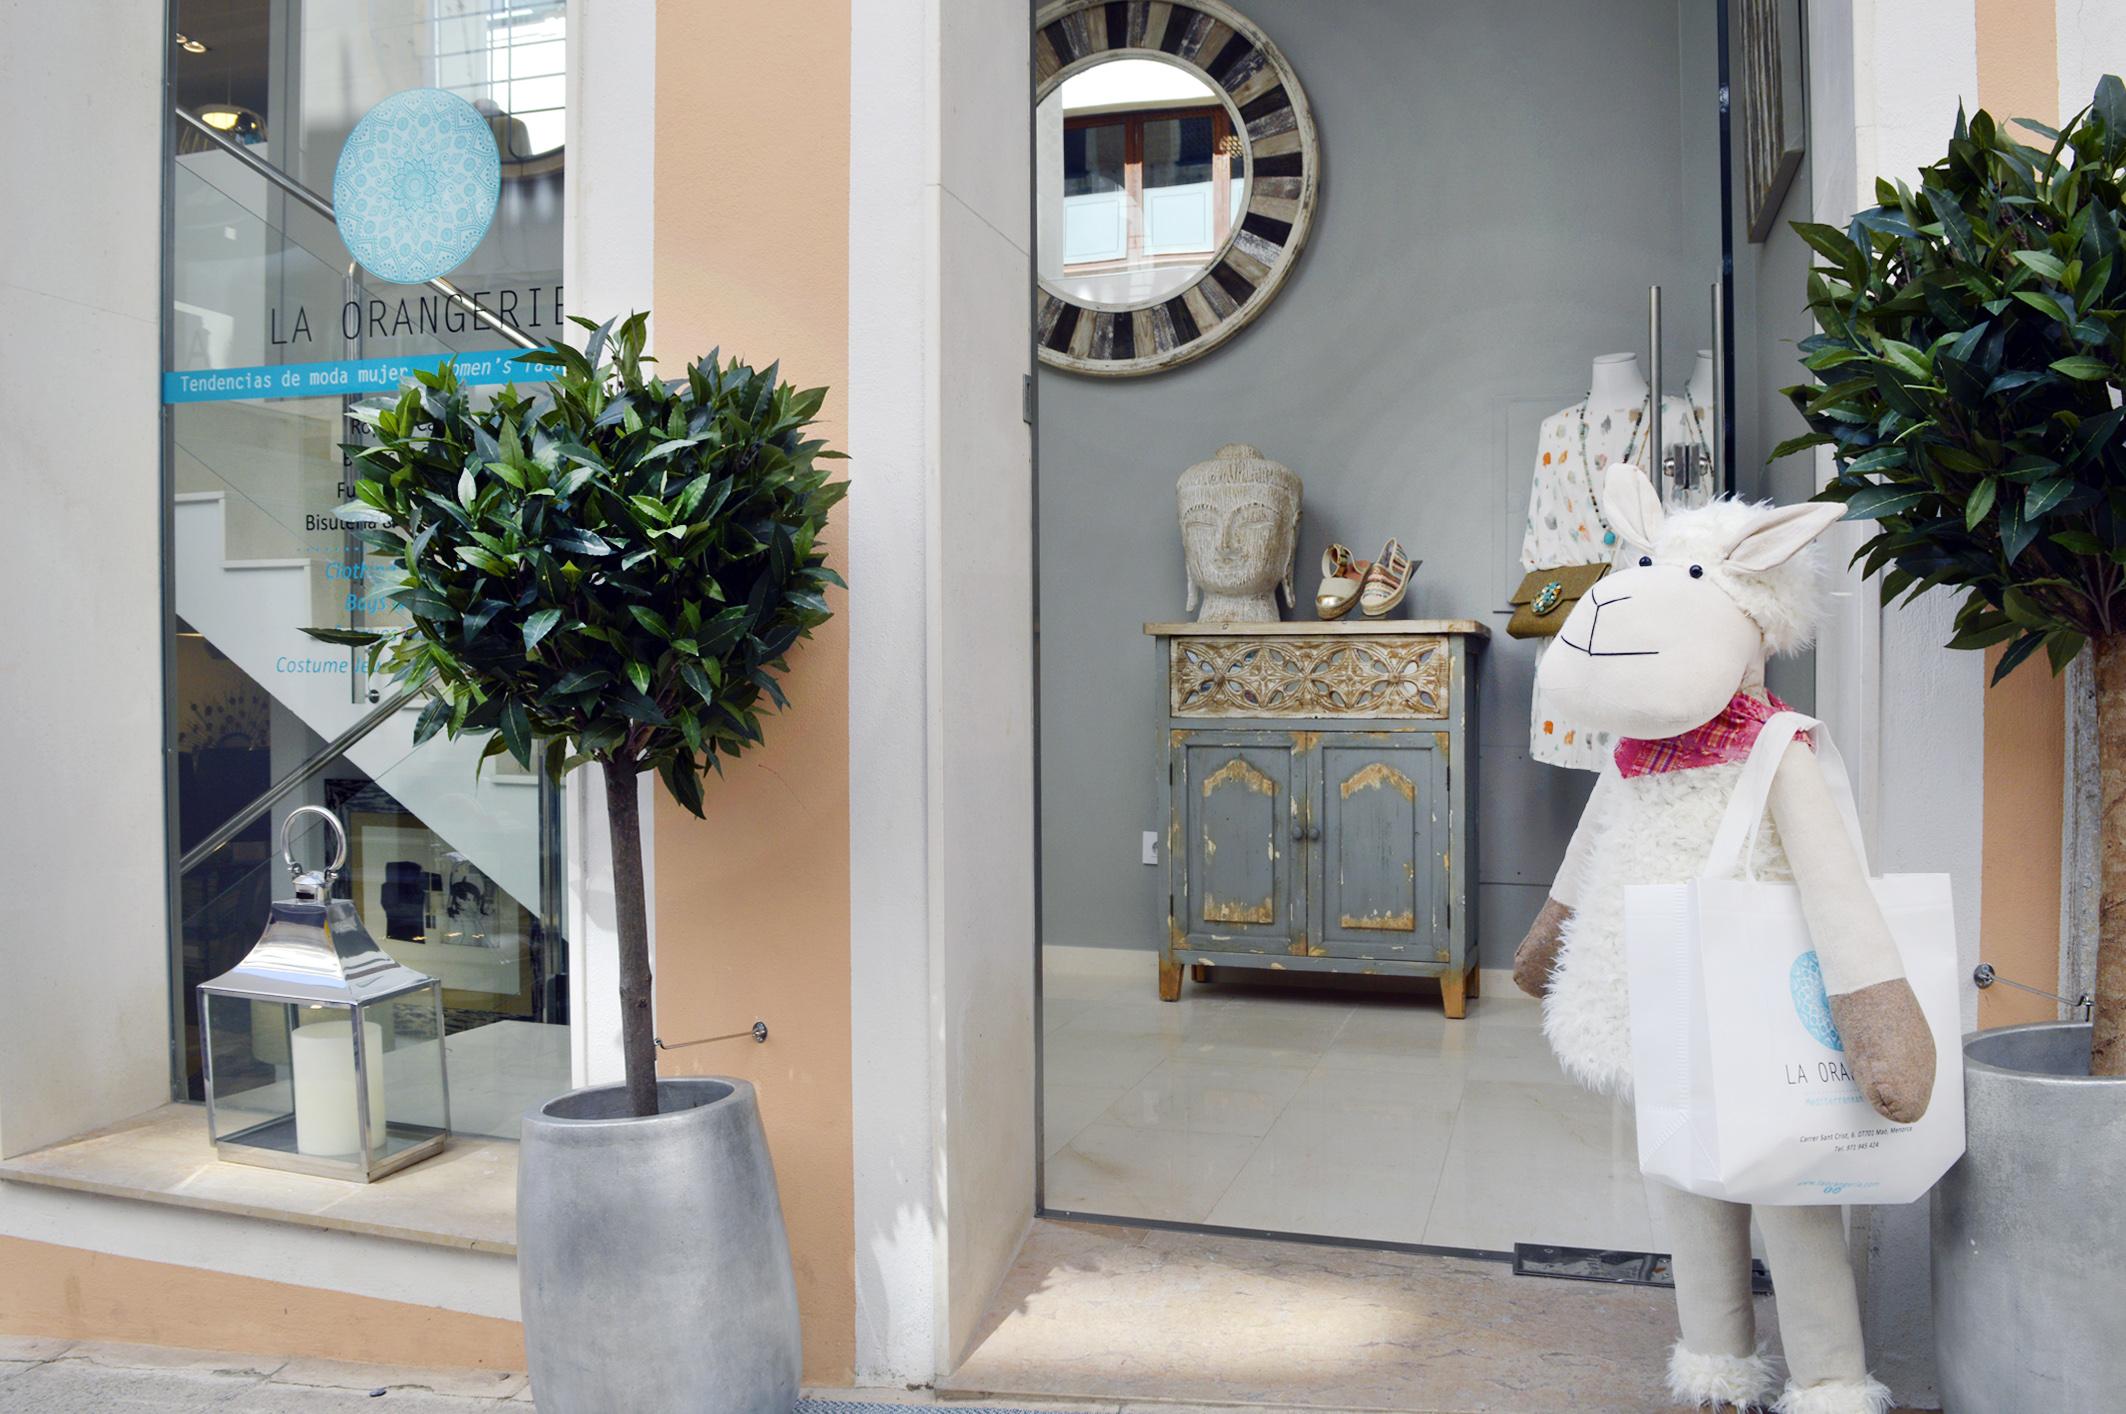 LA ORANGERIE ENTRADA - Bienvenidos a La Orangerie